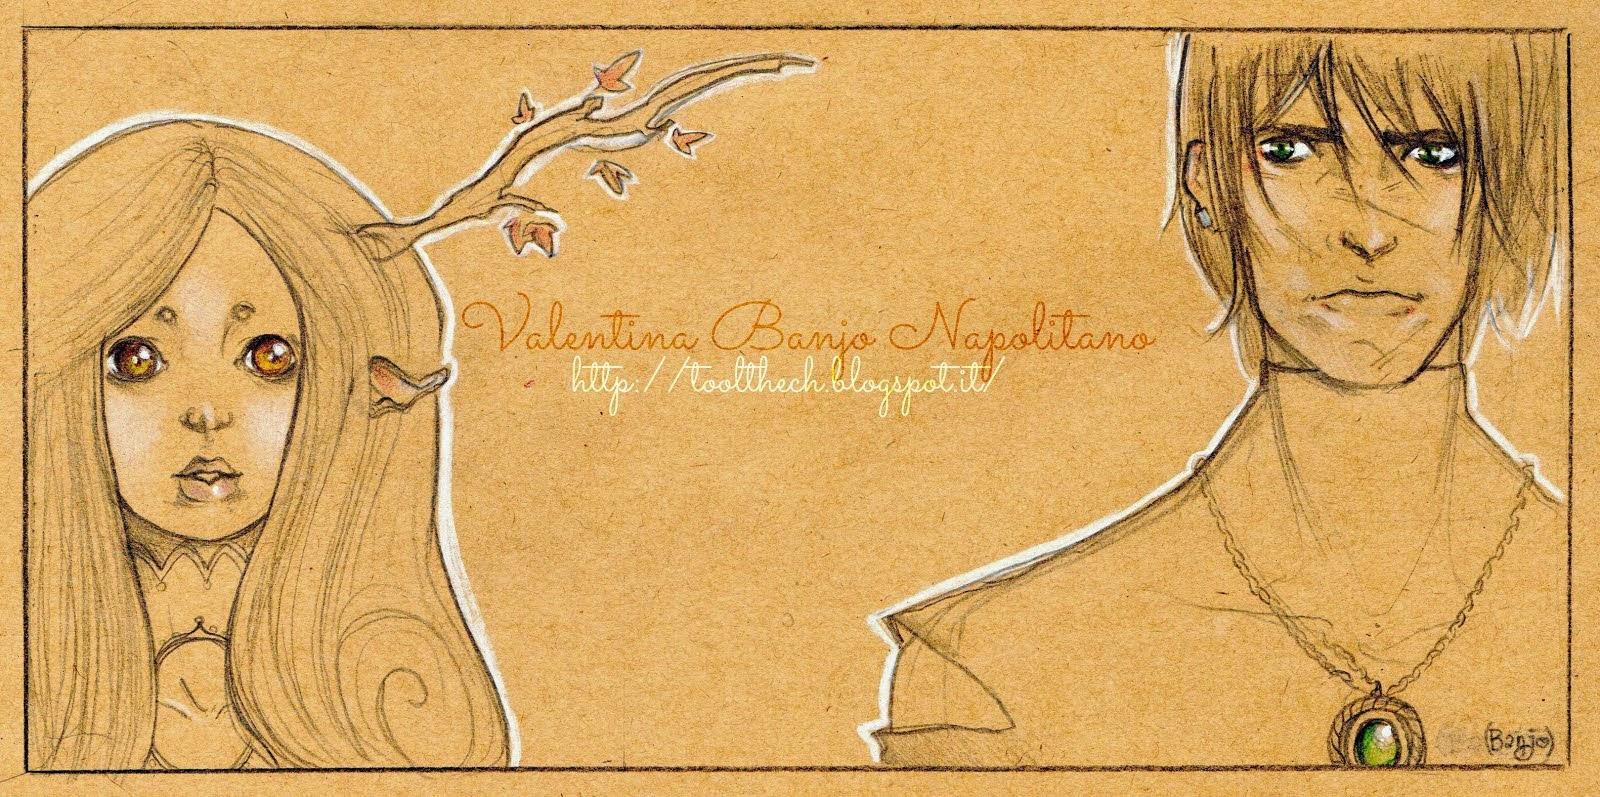 Valentina (Banjo!) Napolitano's Art Blog